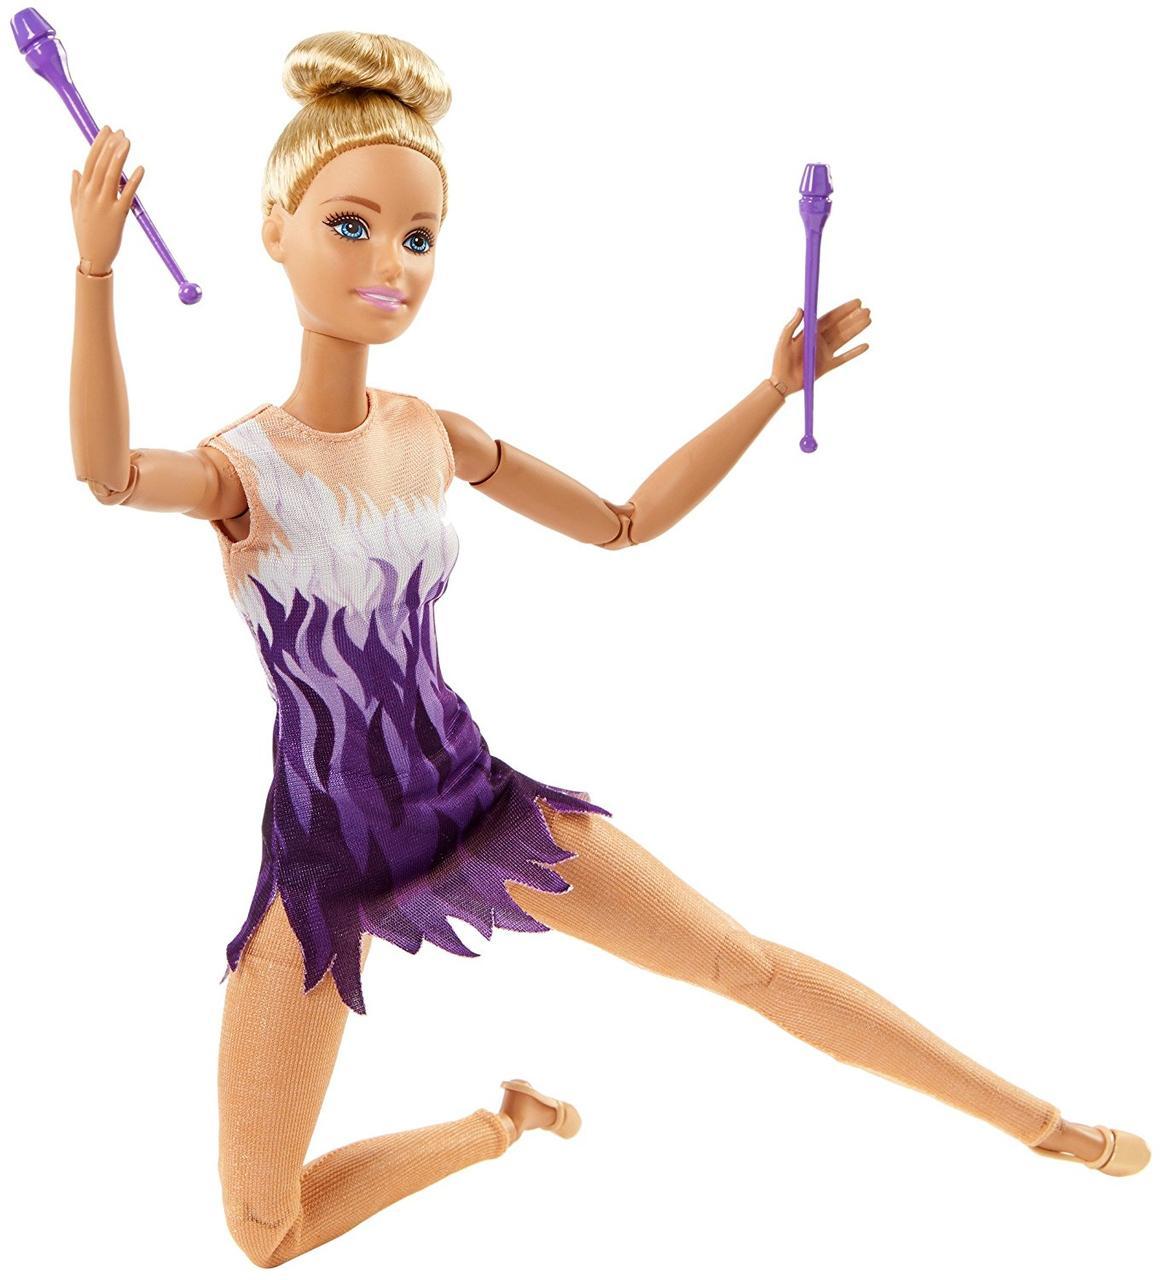 Кукла Барби серия Безграничные движения Гимнастка Barbie Made to Move Rhythmic Gymnast